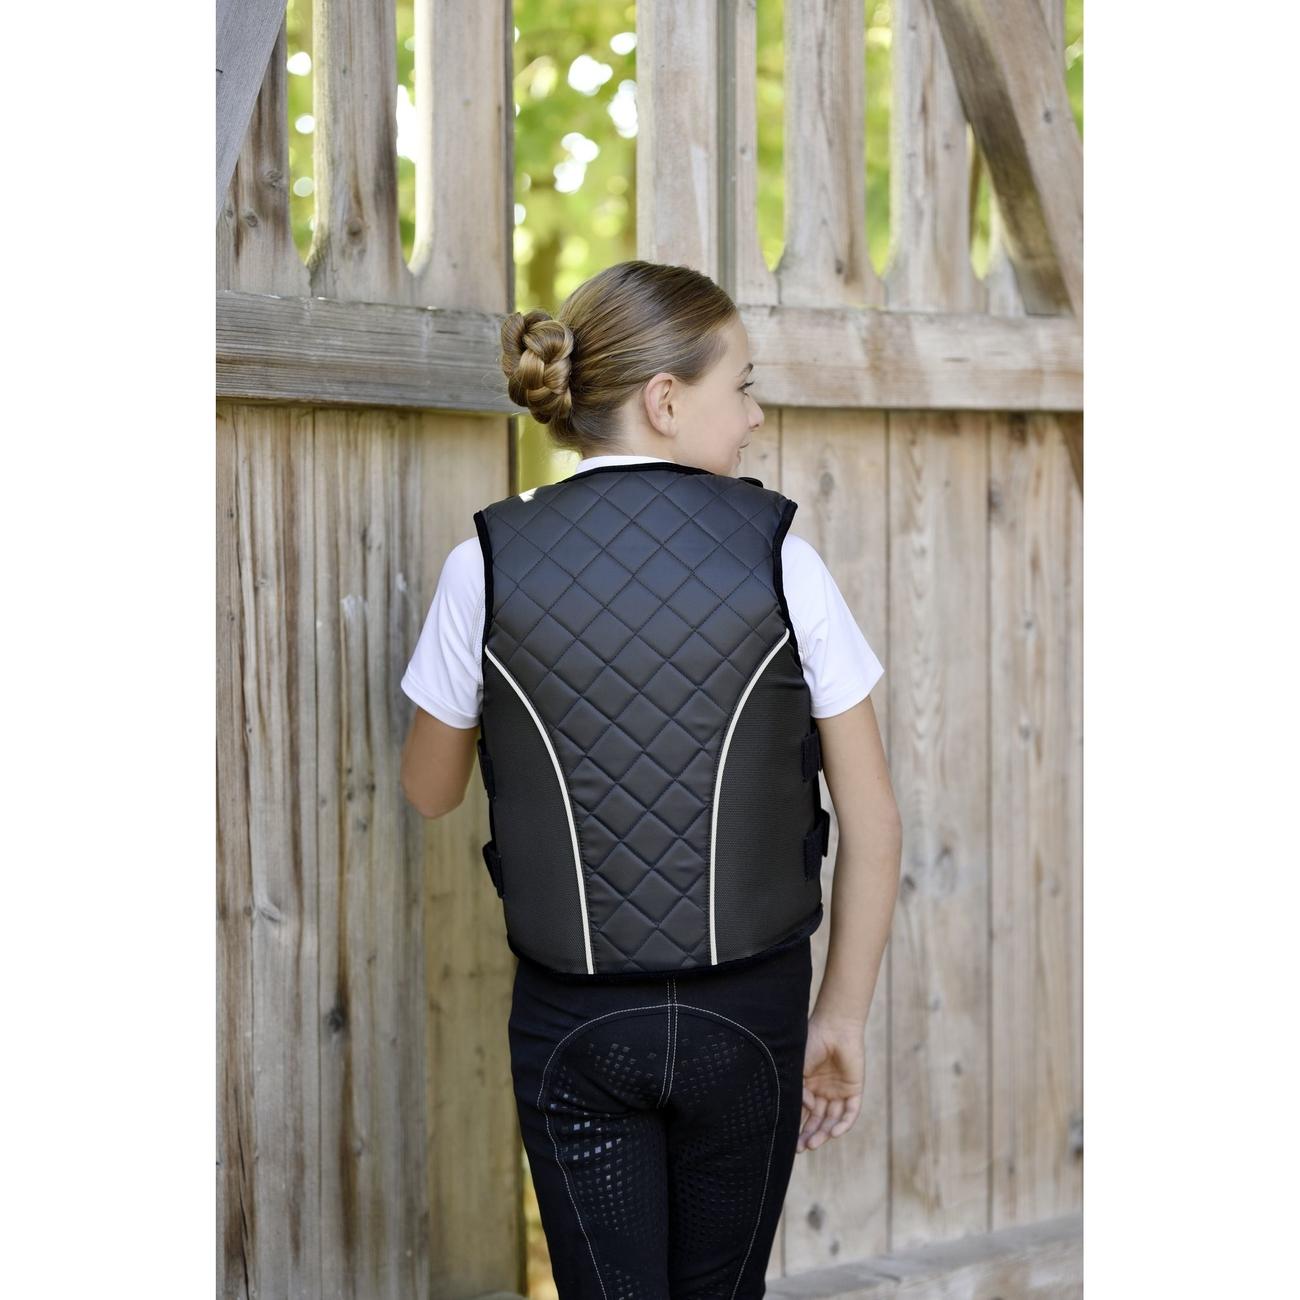 Covalliero ProtectoFlex 315 light BETA Sicherheitsweste für Erwachsene und Kinder, Bild 5